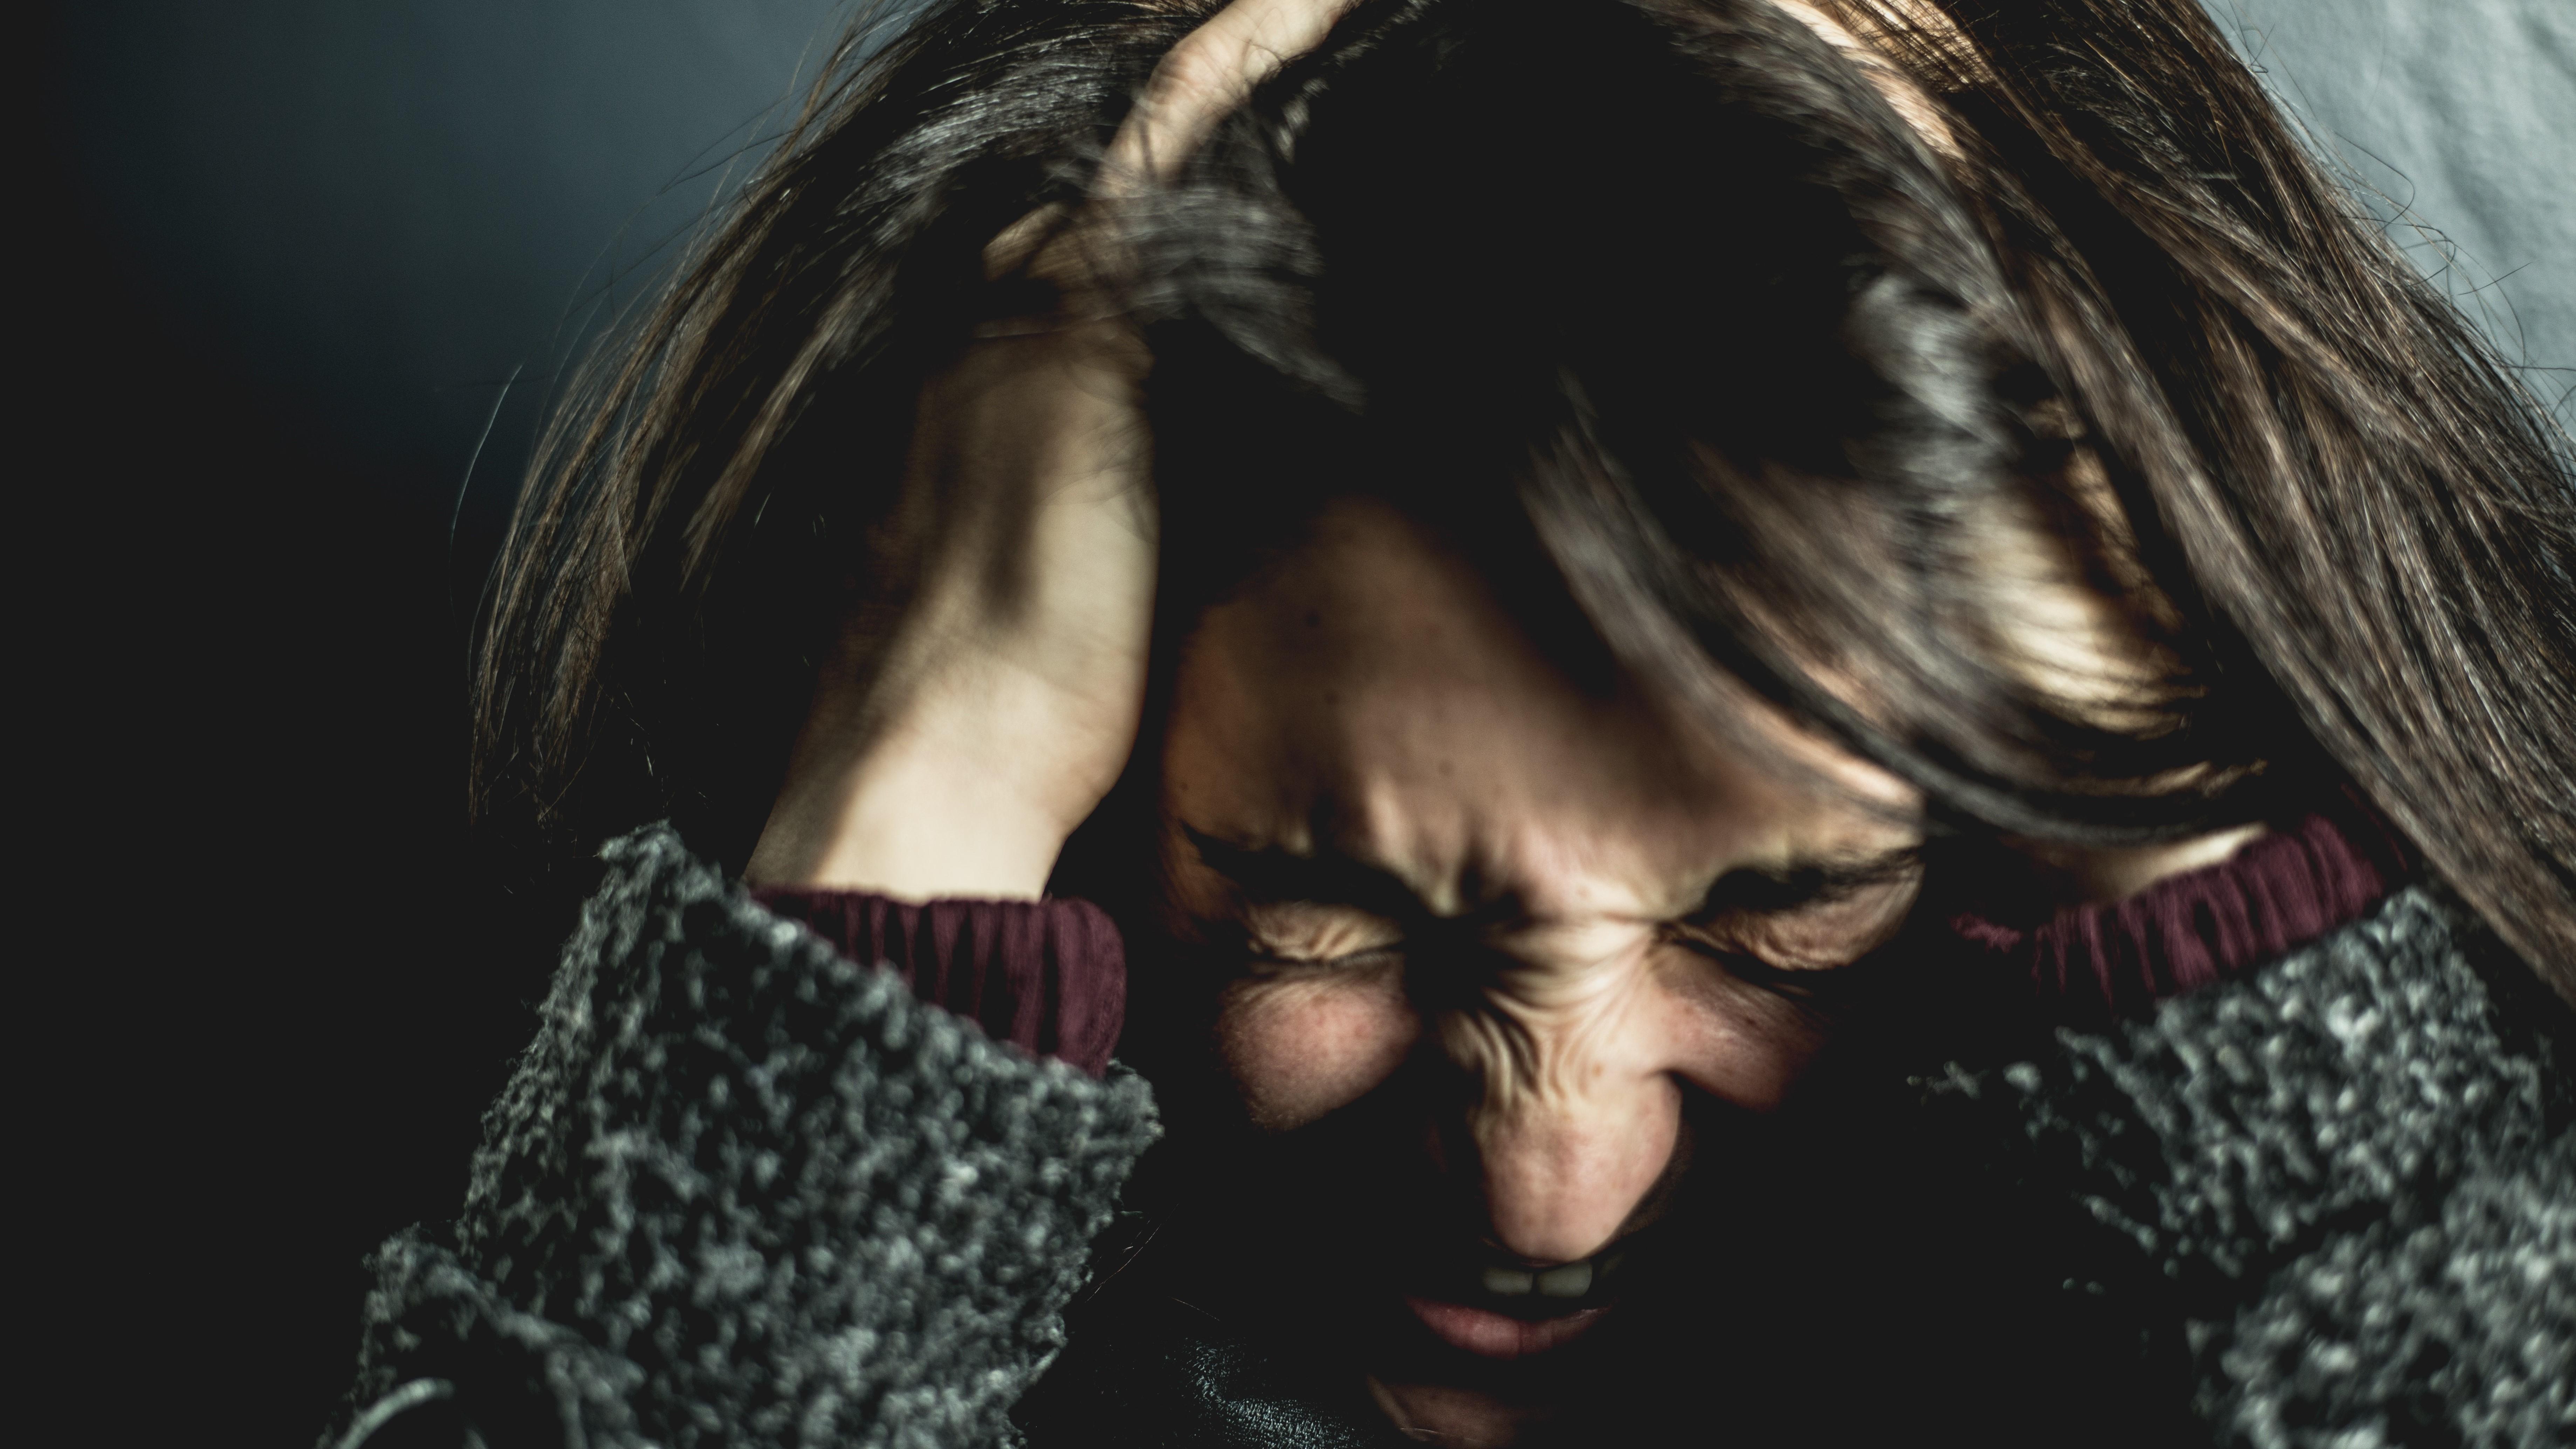 Annehmen was ist bedeutet auch, negative Emotionen und unangenehme Situationen zu akzeptieren - und sie nicht zu verdrängen.